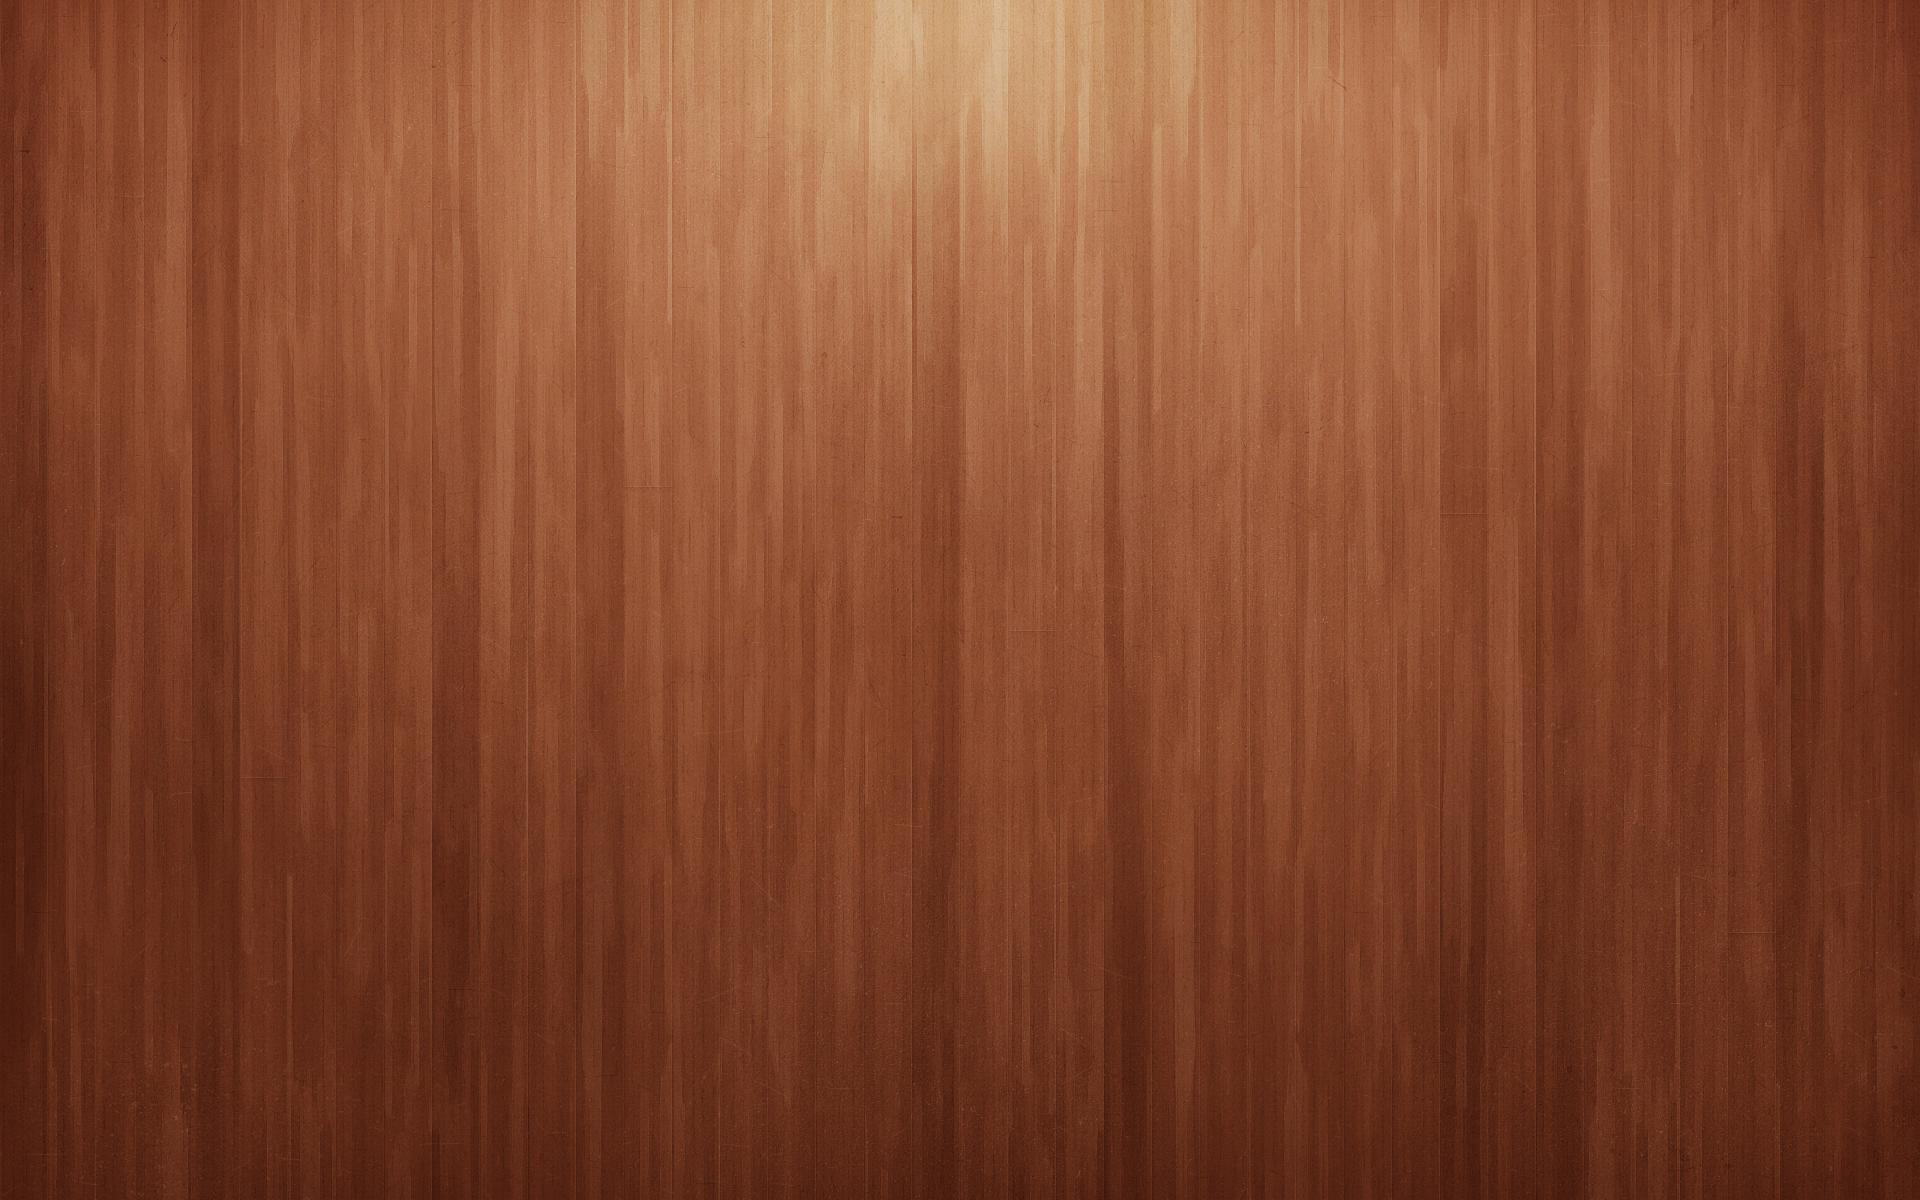 Wonderful Wallpaper Home Screen Wood - 6ca1ce7b7f4728332f8899b198adf5ff  2018_542472.jpg